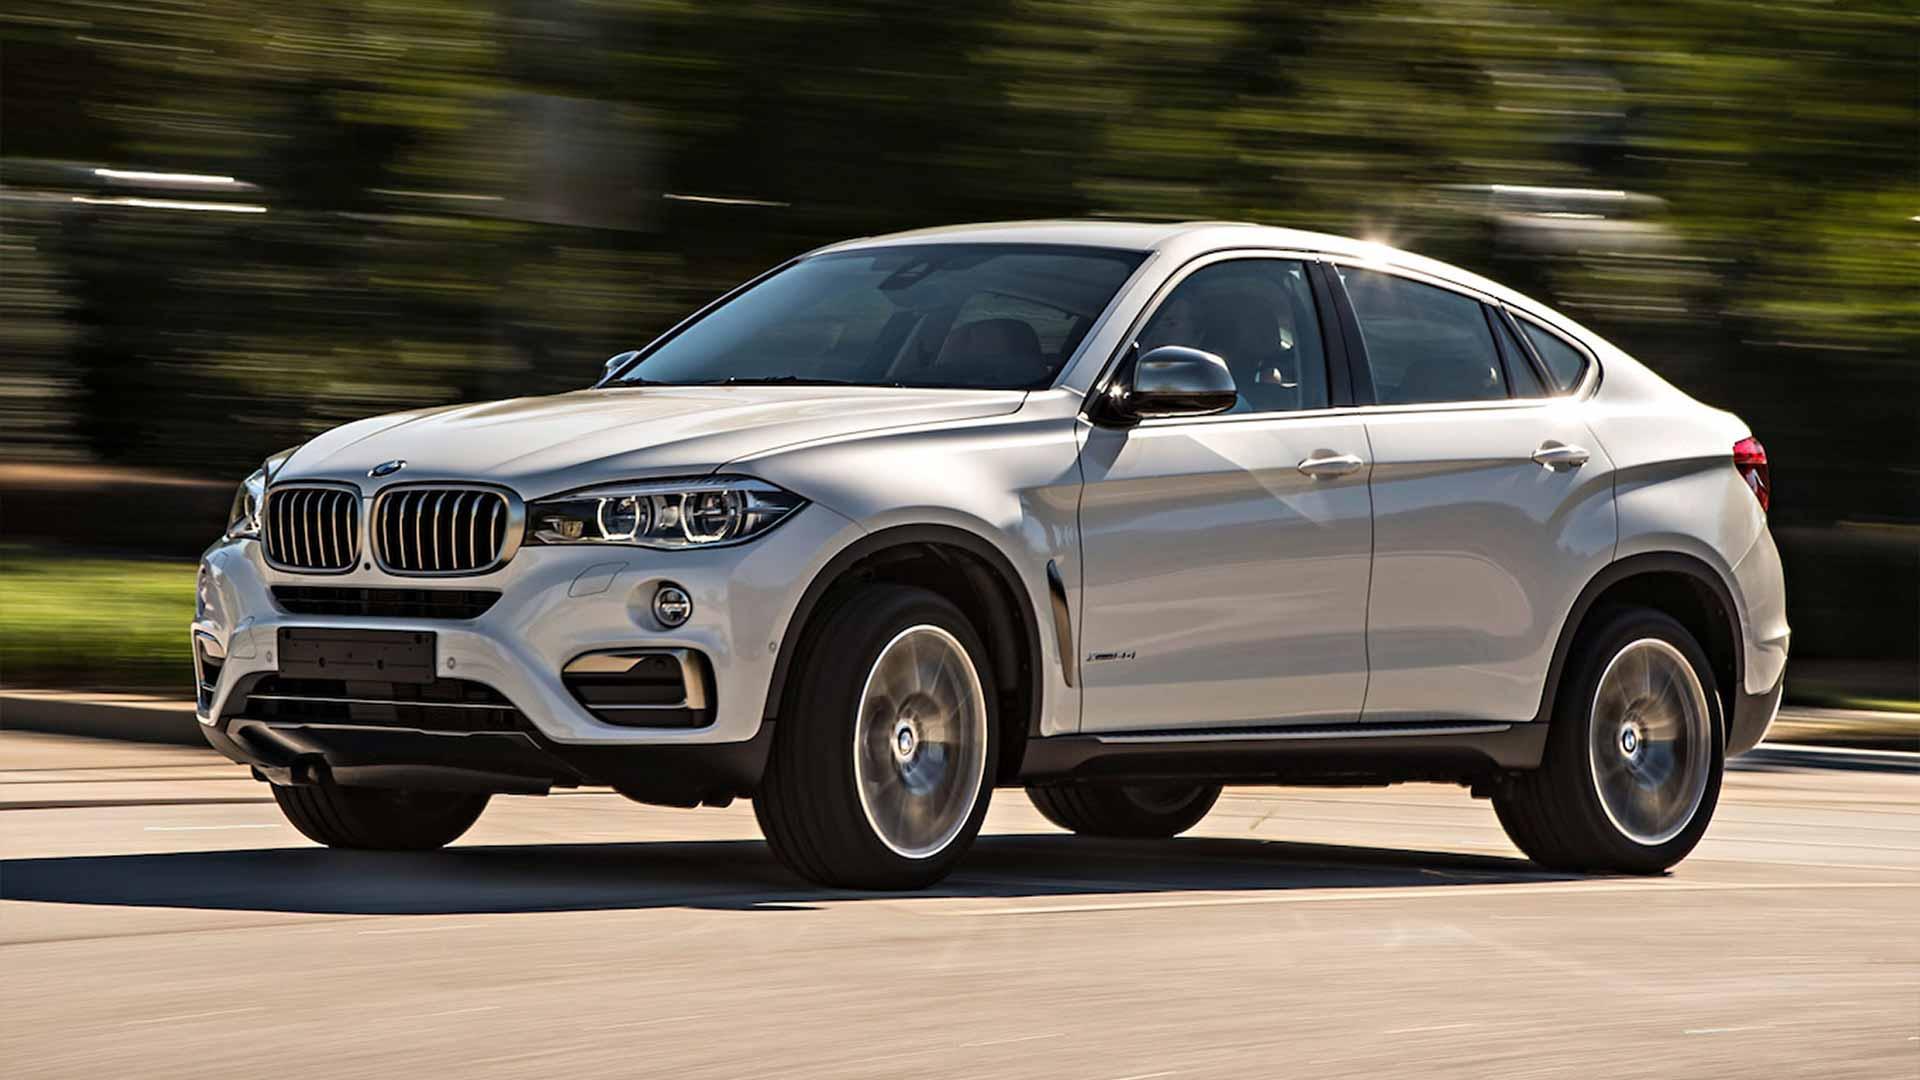 BMW-X6-50i-xDrive